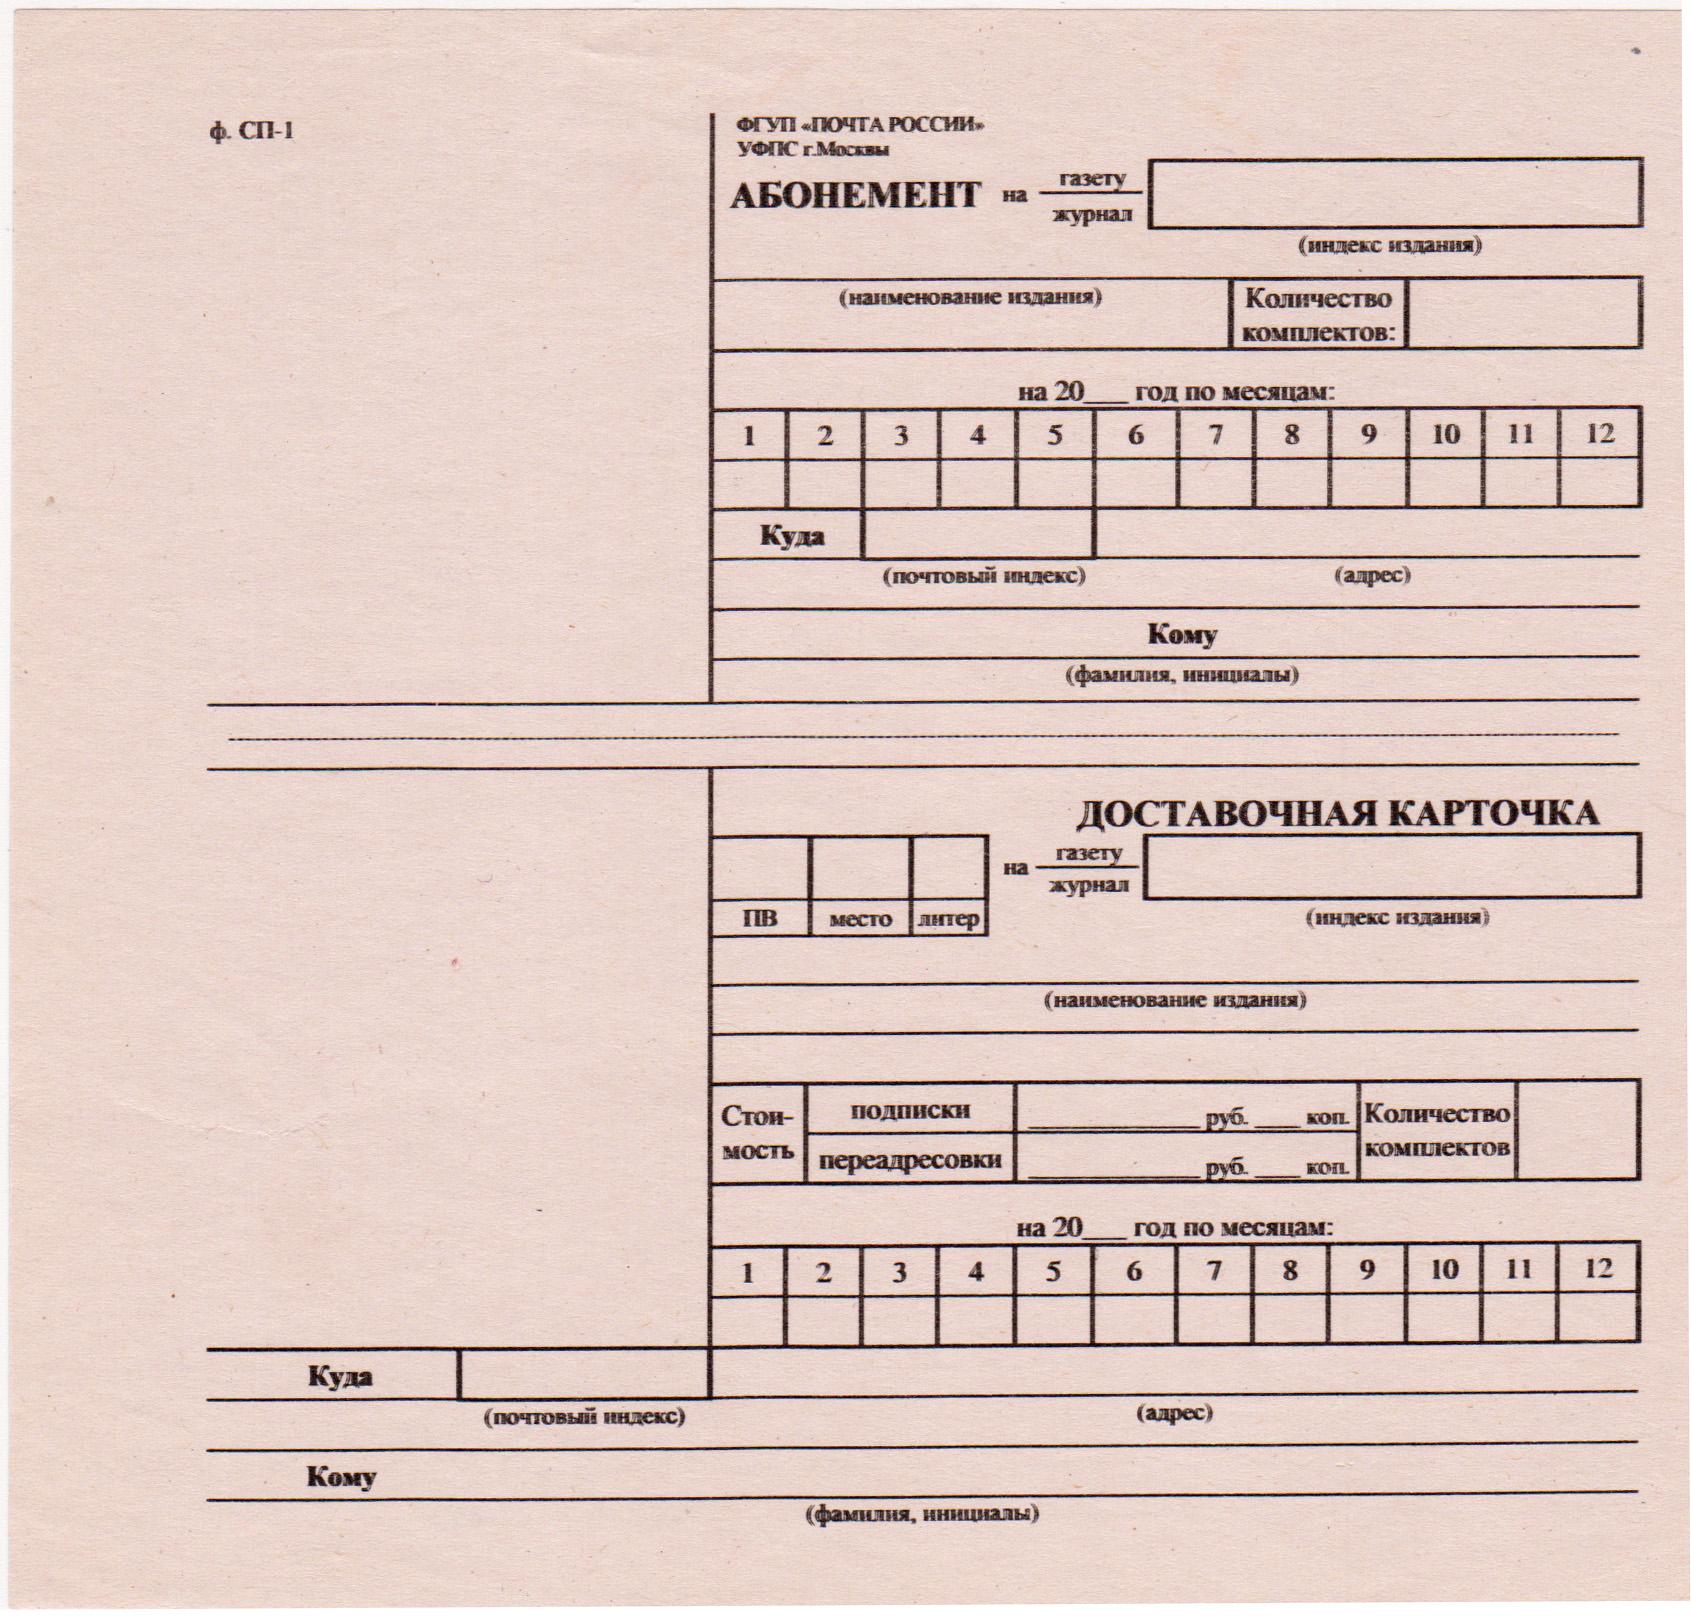 ф. СП-1 - Почтовый бланк заказа периодических изданий.